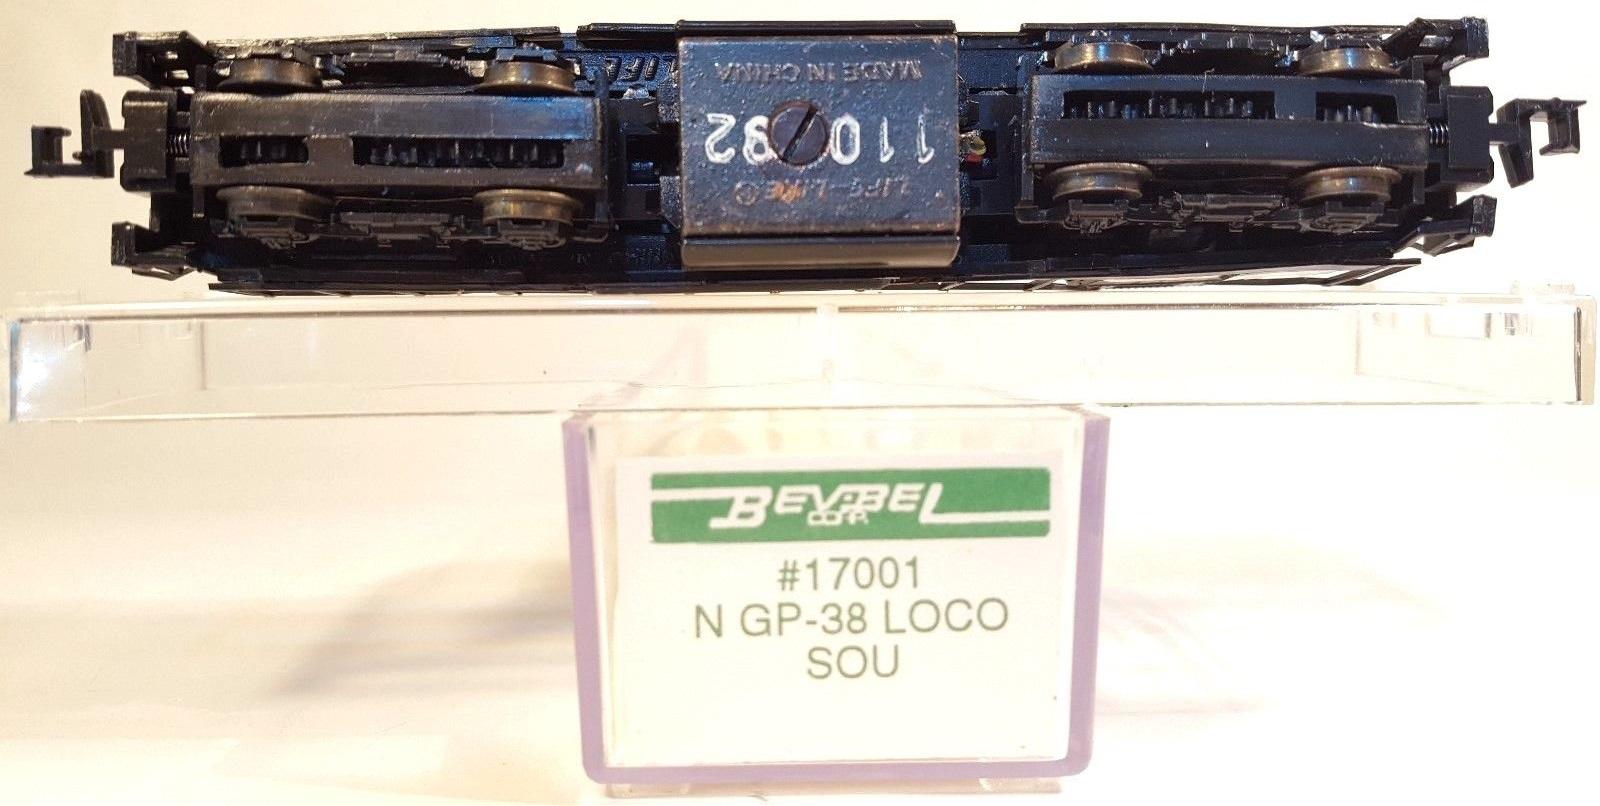 N Scale - Bev-Bel - 17001 - Locomotive, Diesel, EMD GP38-2 - Southern - 5049